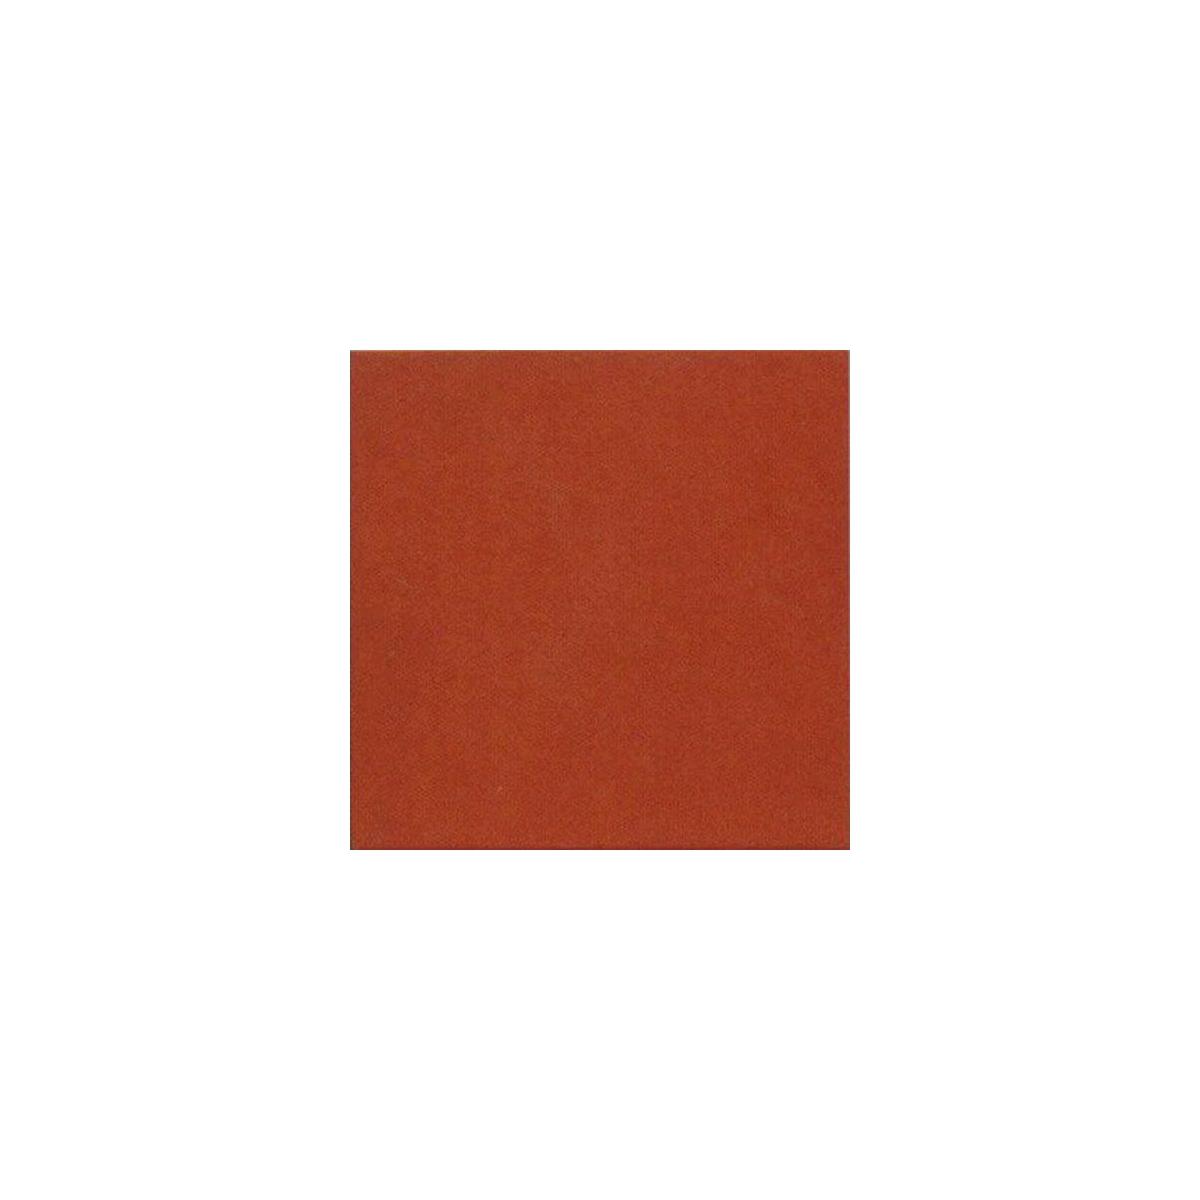 Suelo pasta roja Base Verde para interior en Oferta